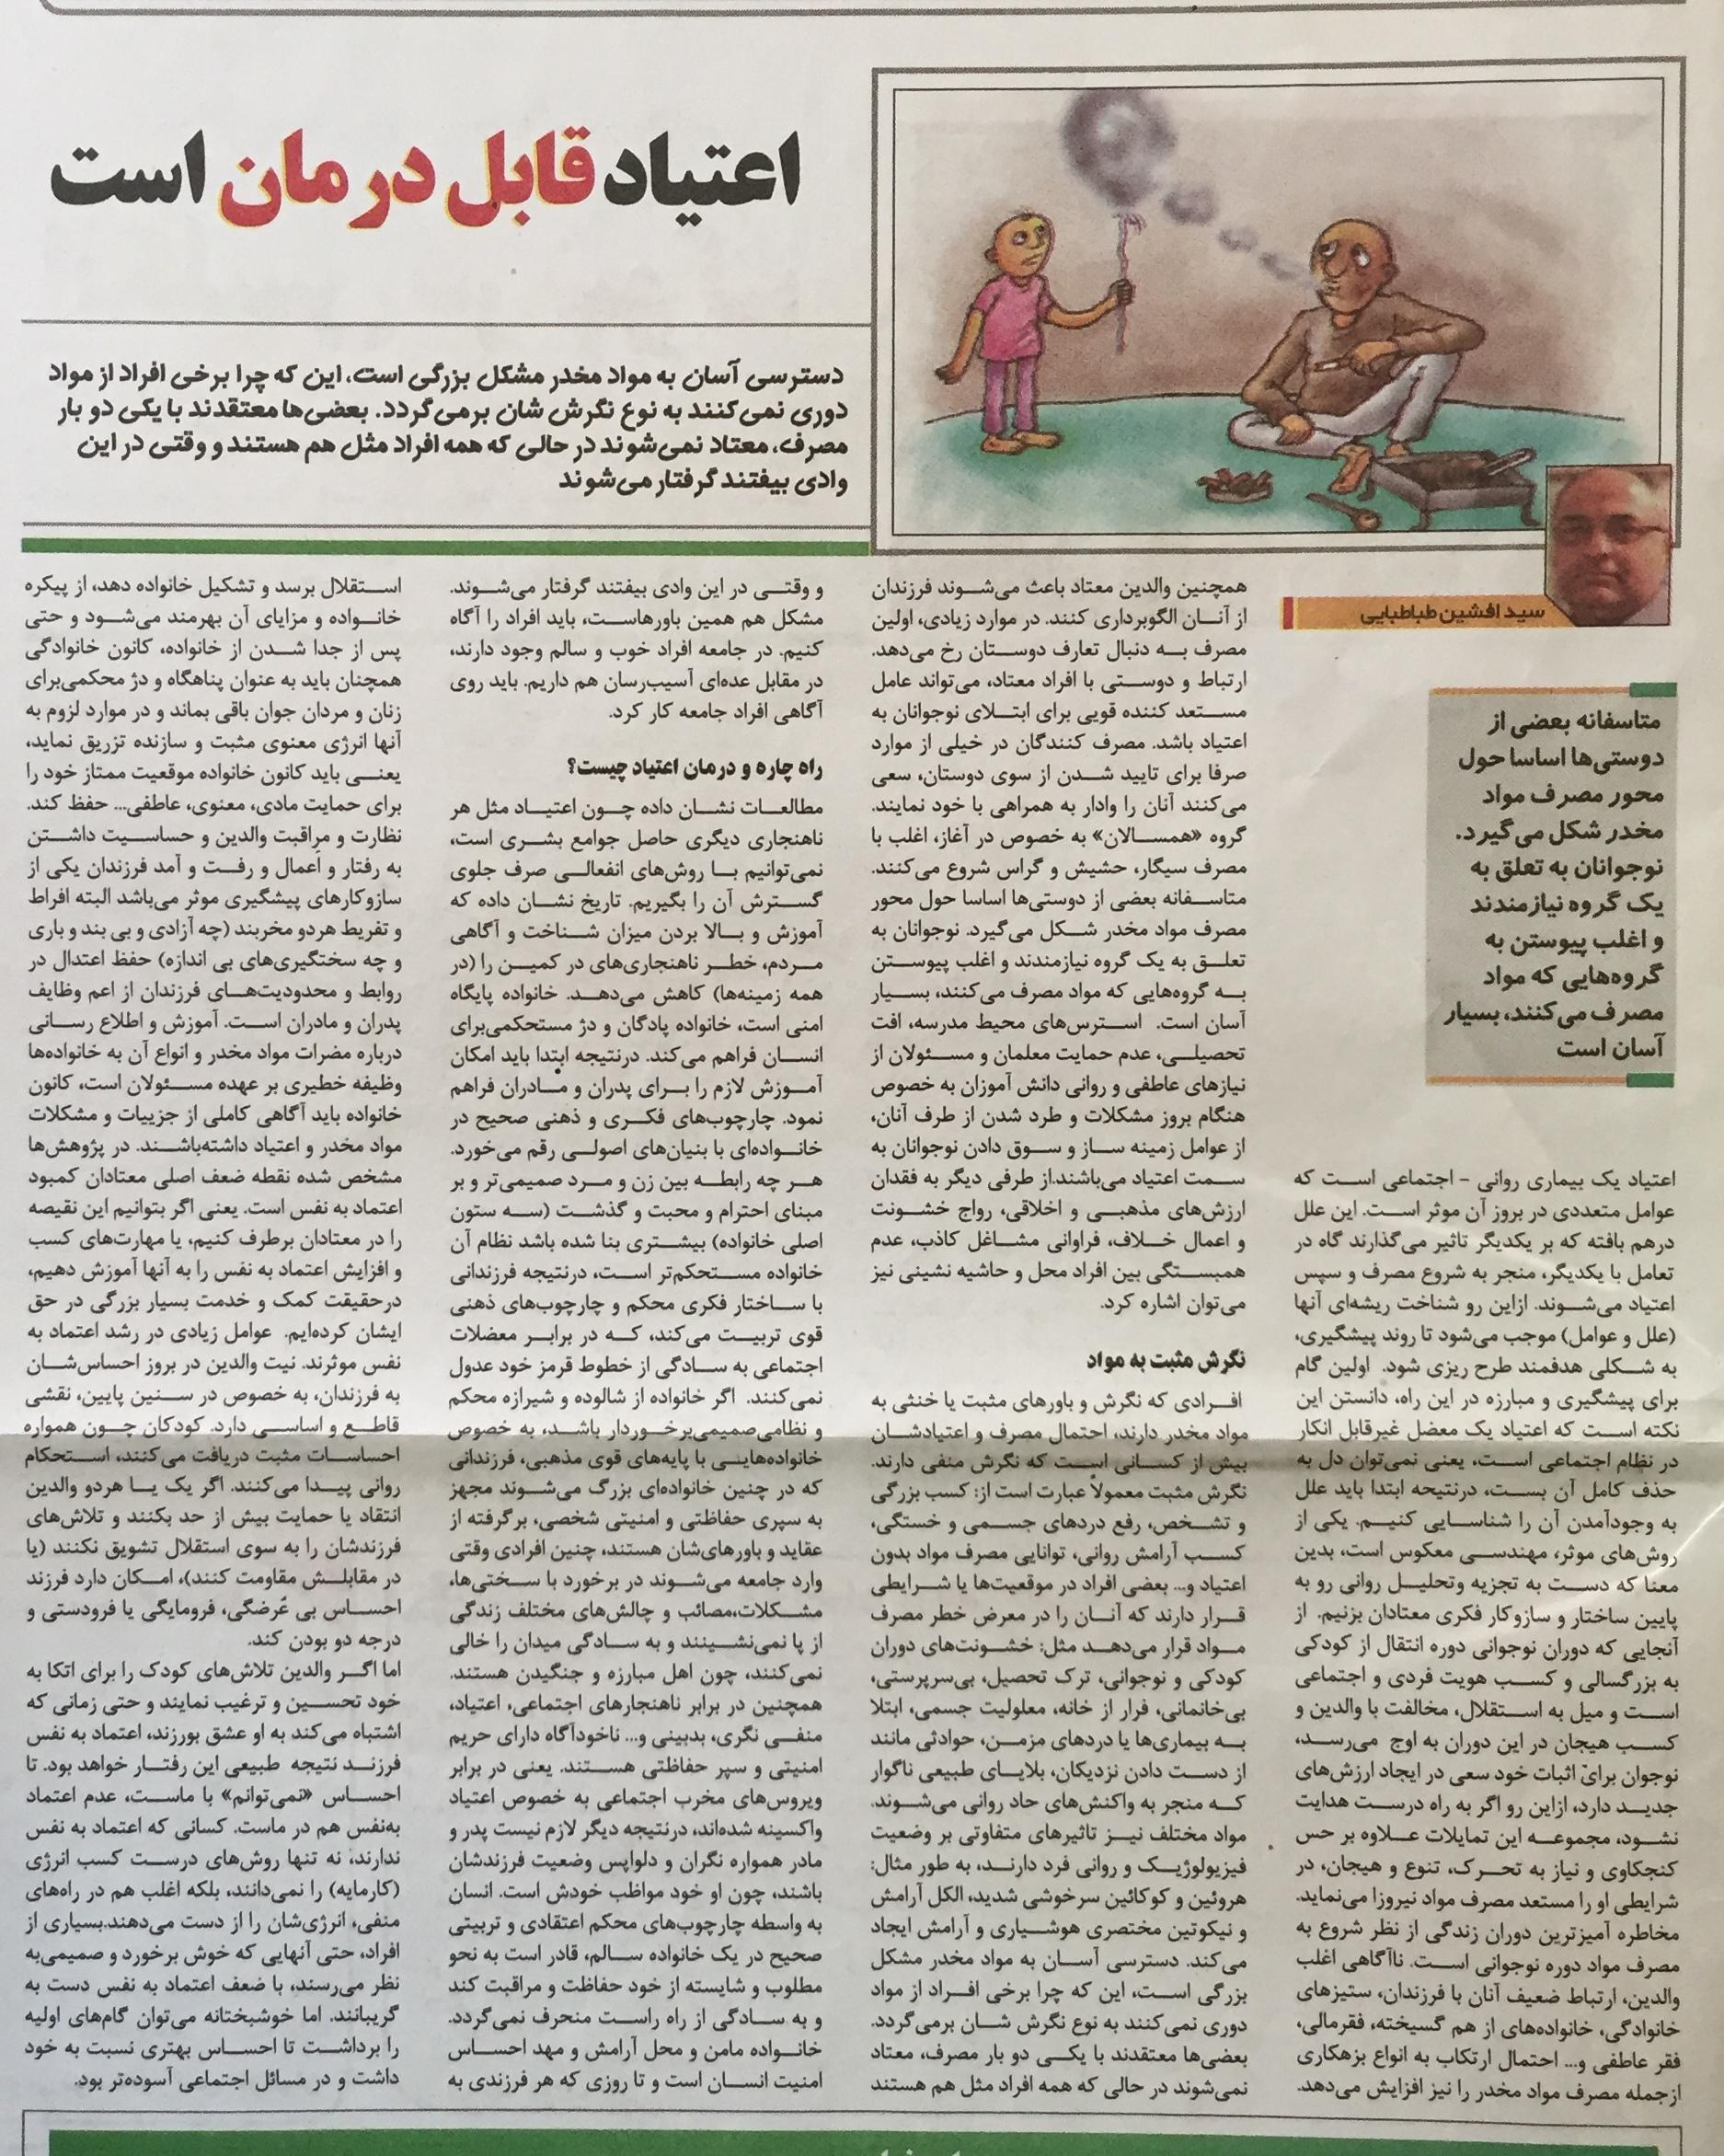 روزنامه: اعتیاد قابل درمان است - دکتر طباطبایی